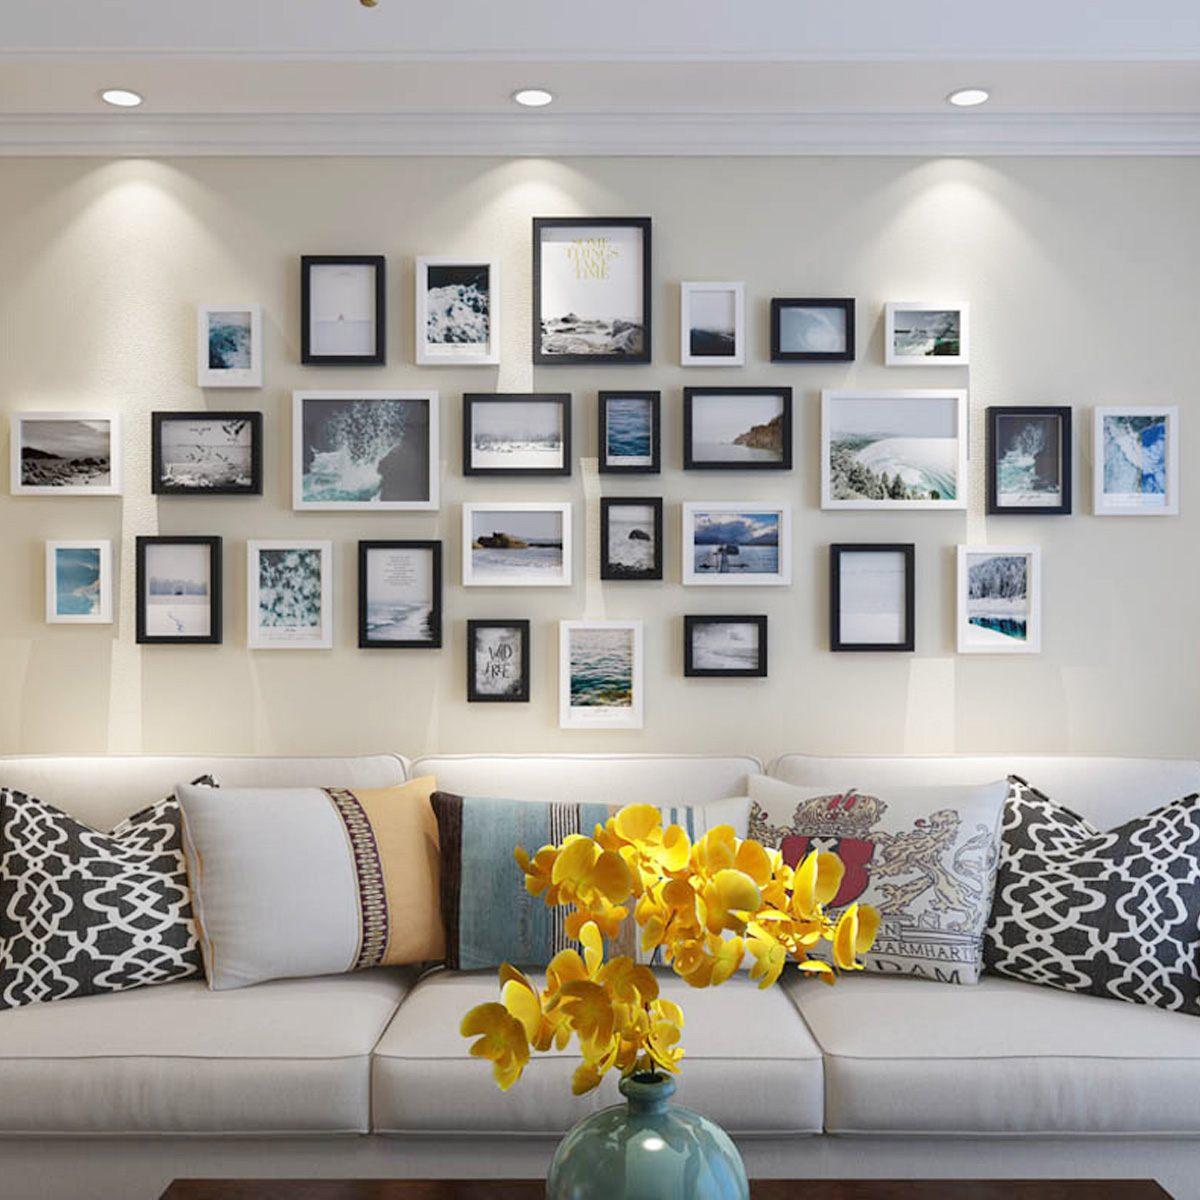 Vintage noir blanc Photo cadre mural en bois famille cadre Photo ensembles Art photos affichage pour couloir salon mur décor